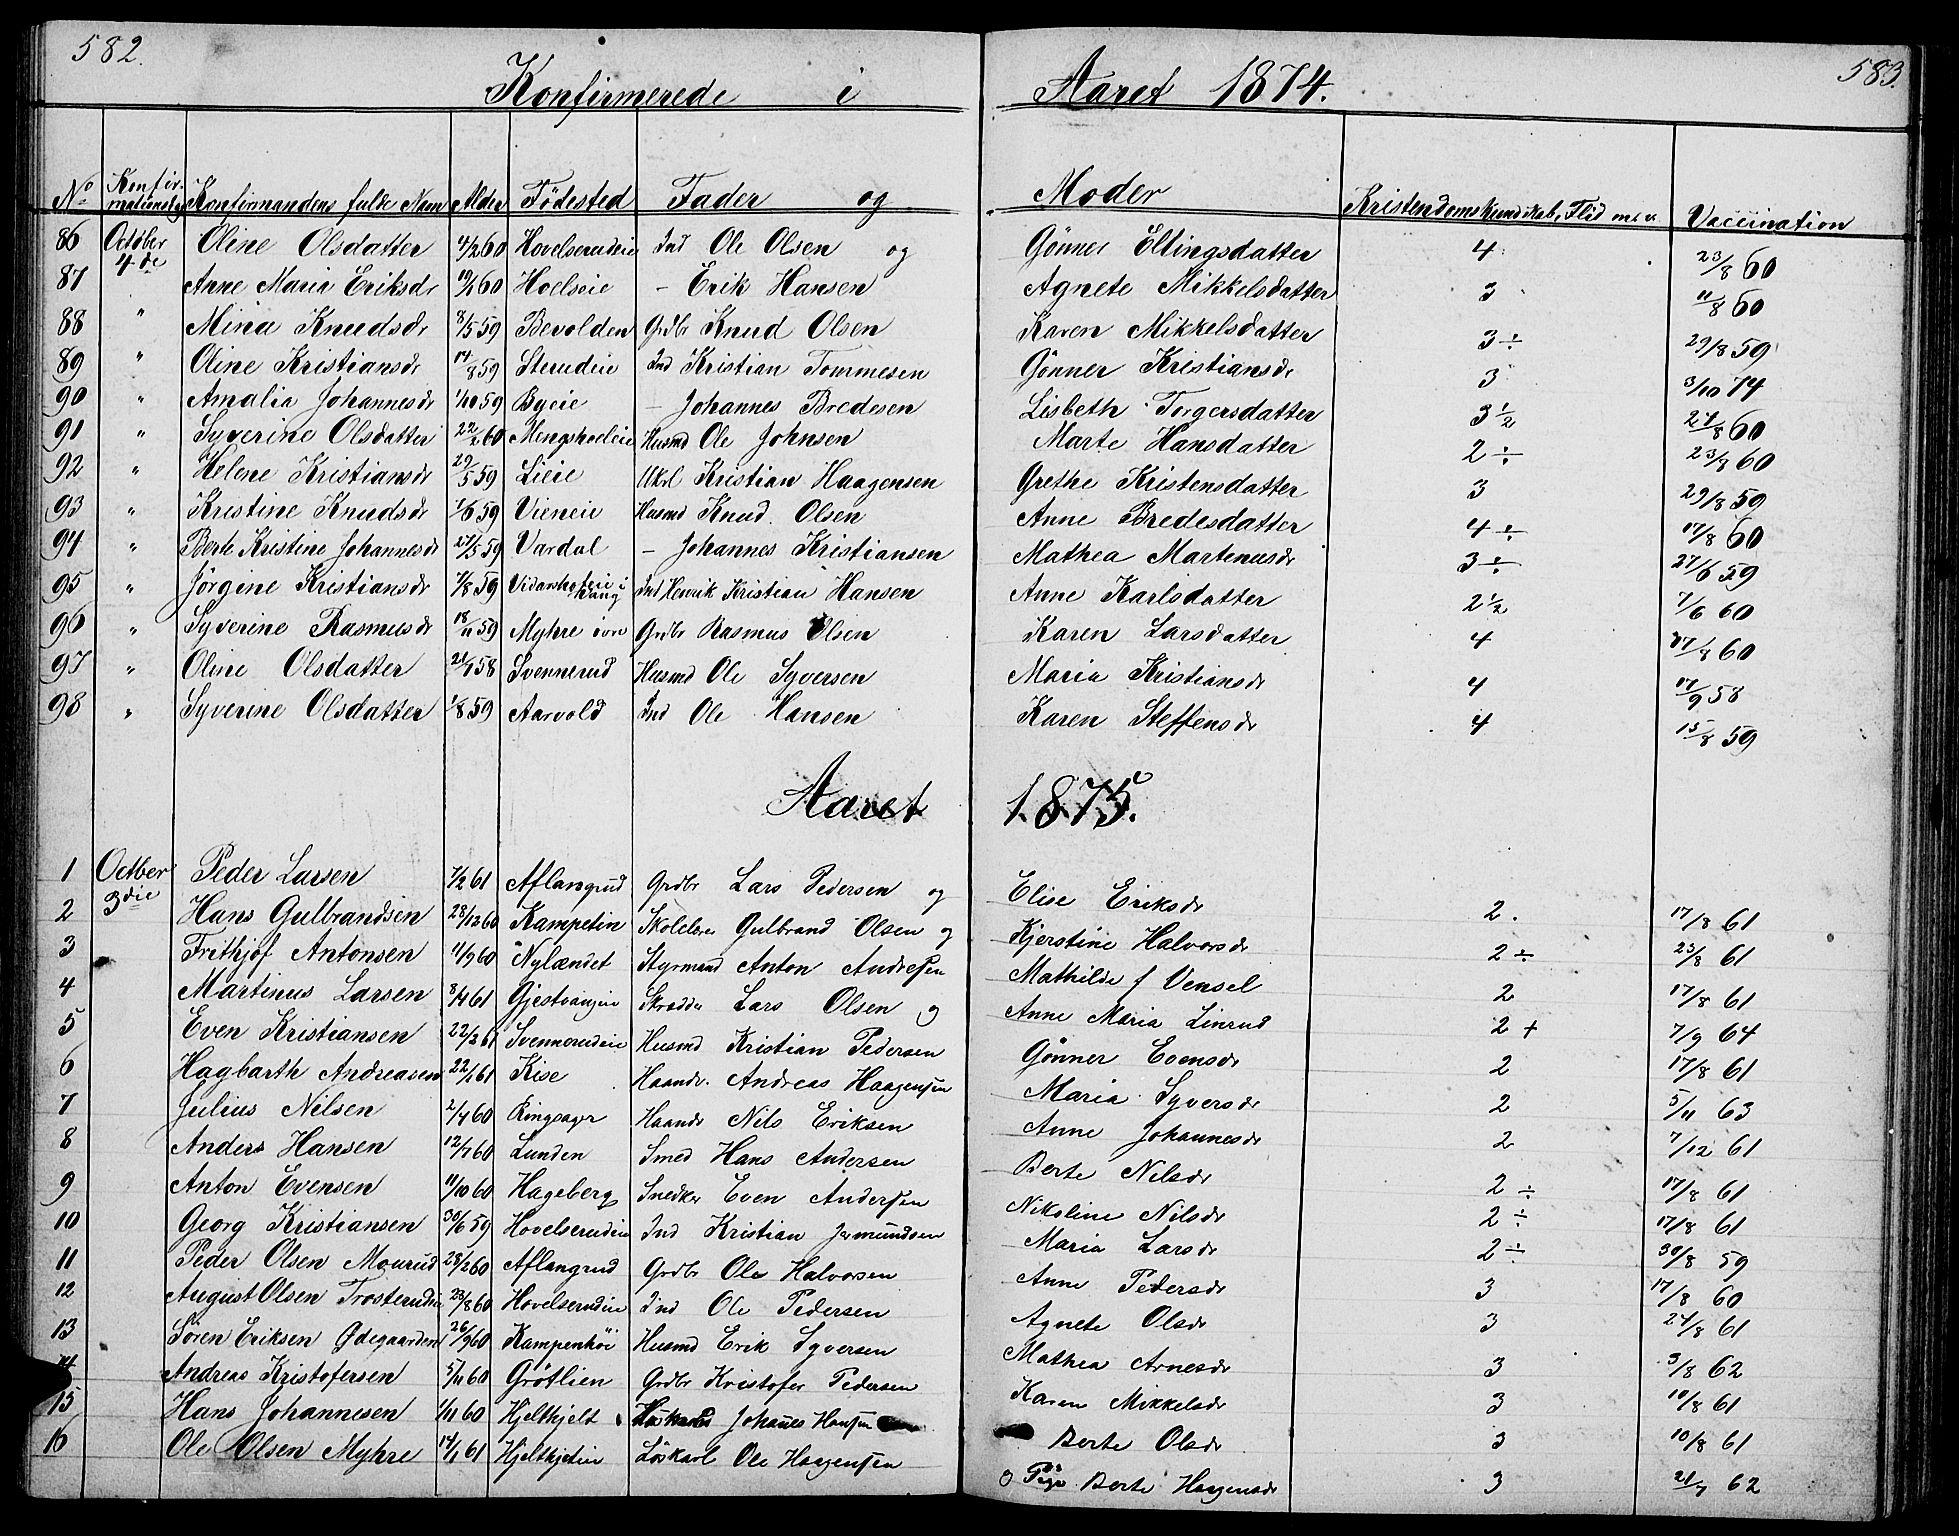 SAH, Nes prestekontor, L/La/L0005: Klokkerbok nr. 5, 1852-1889, s. 582-583